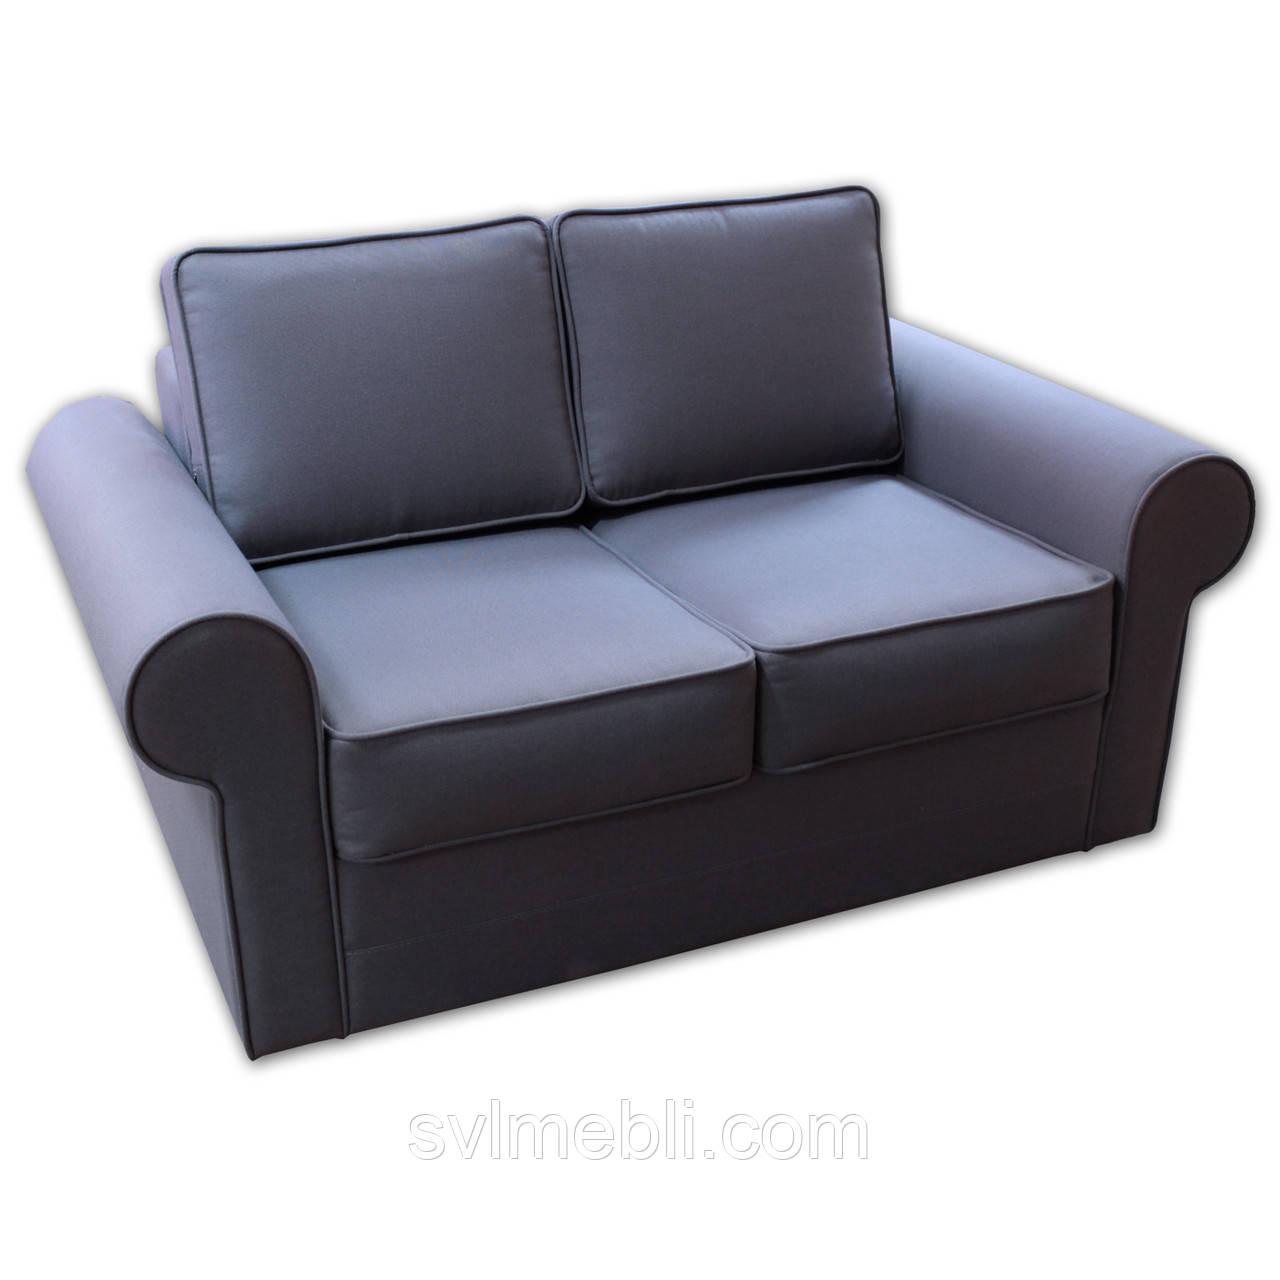 раскладной диван даллас цена 17 603 грн купить в киеве Promua